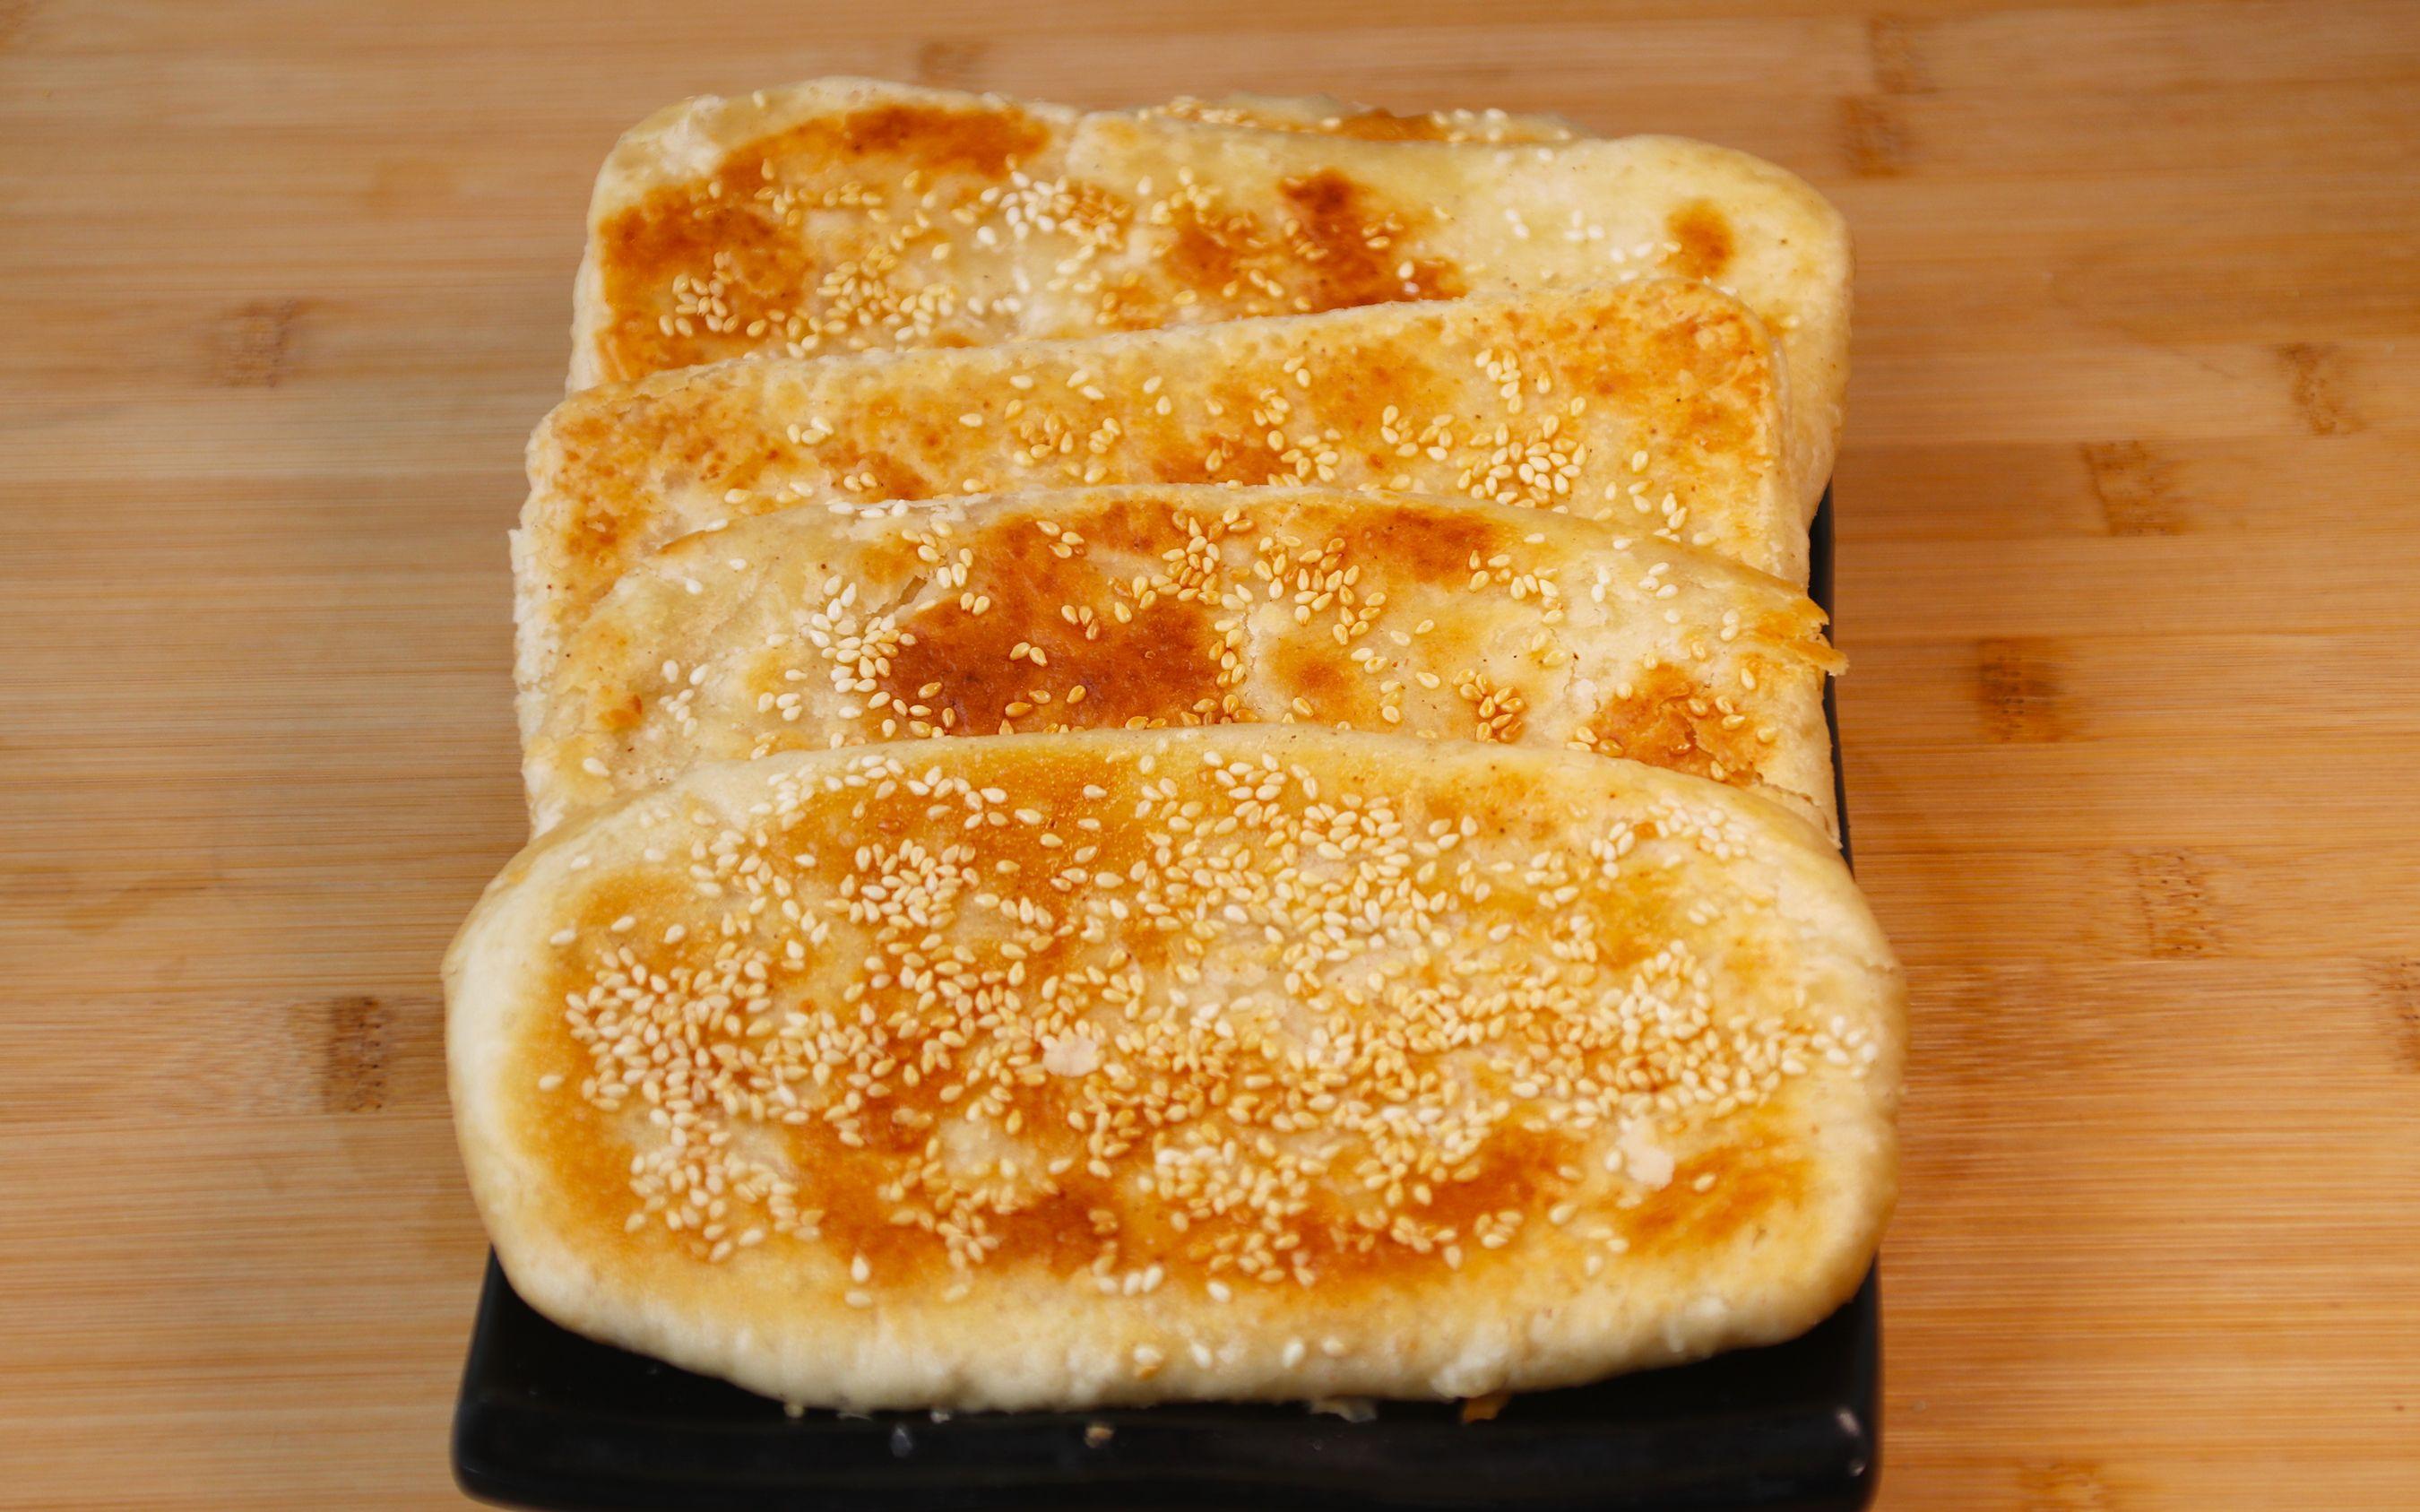 香酥芝麻燒餅酥掉渣做法。學會這個技巧。沒有烤箱在家也能做_嗶哩嗶哩 (゜-゜)つロ 干杯~-bilibili